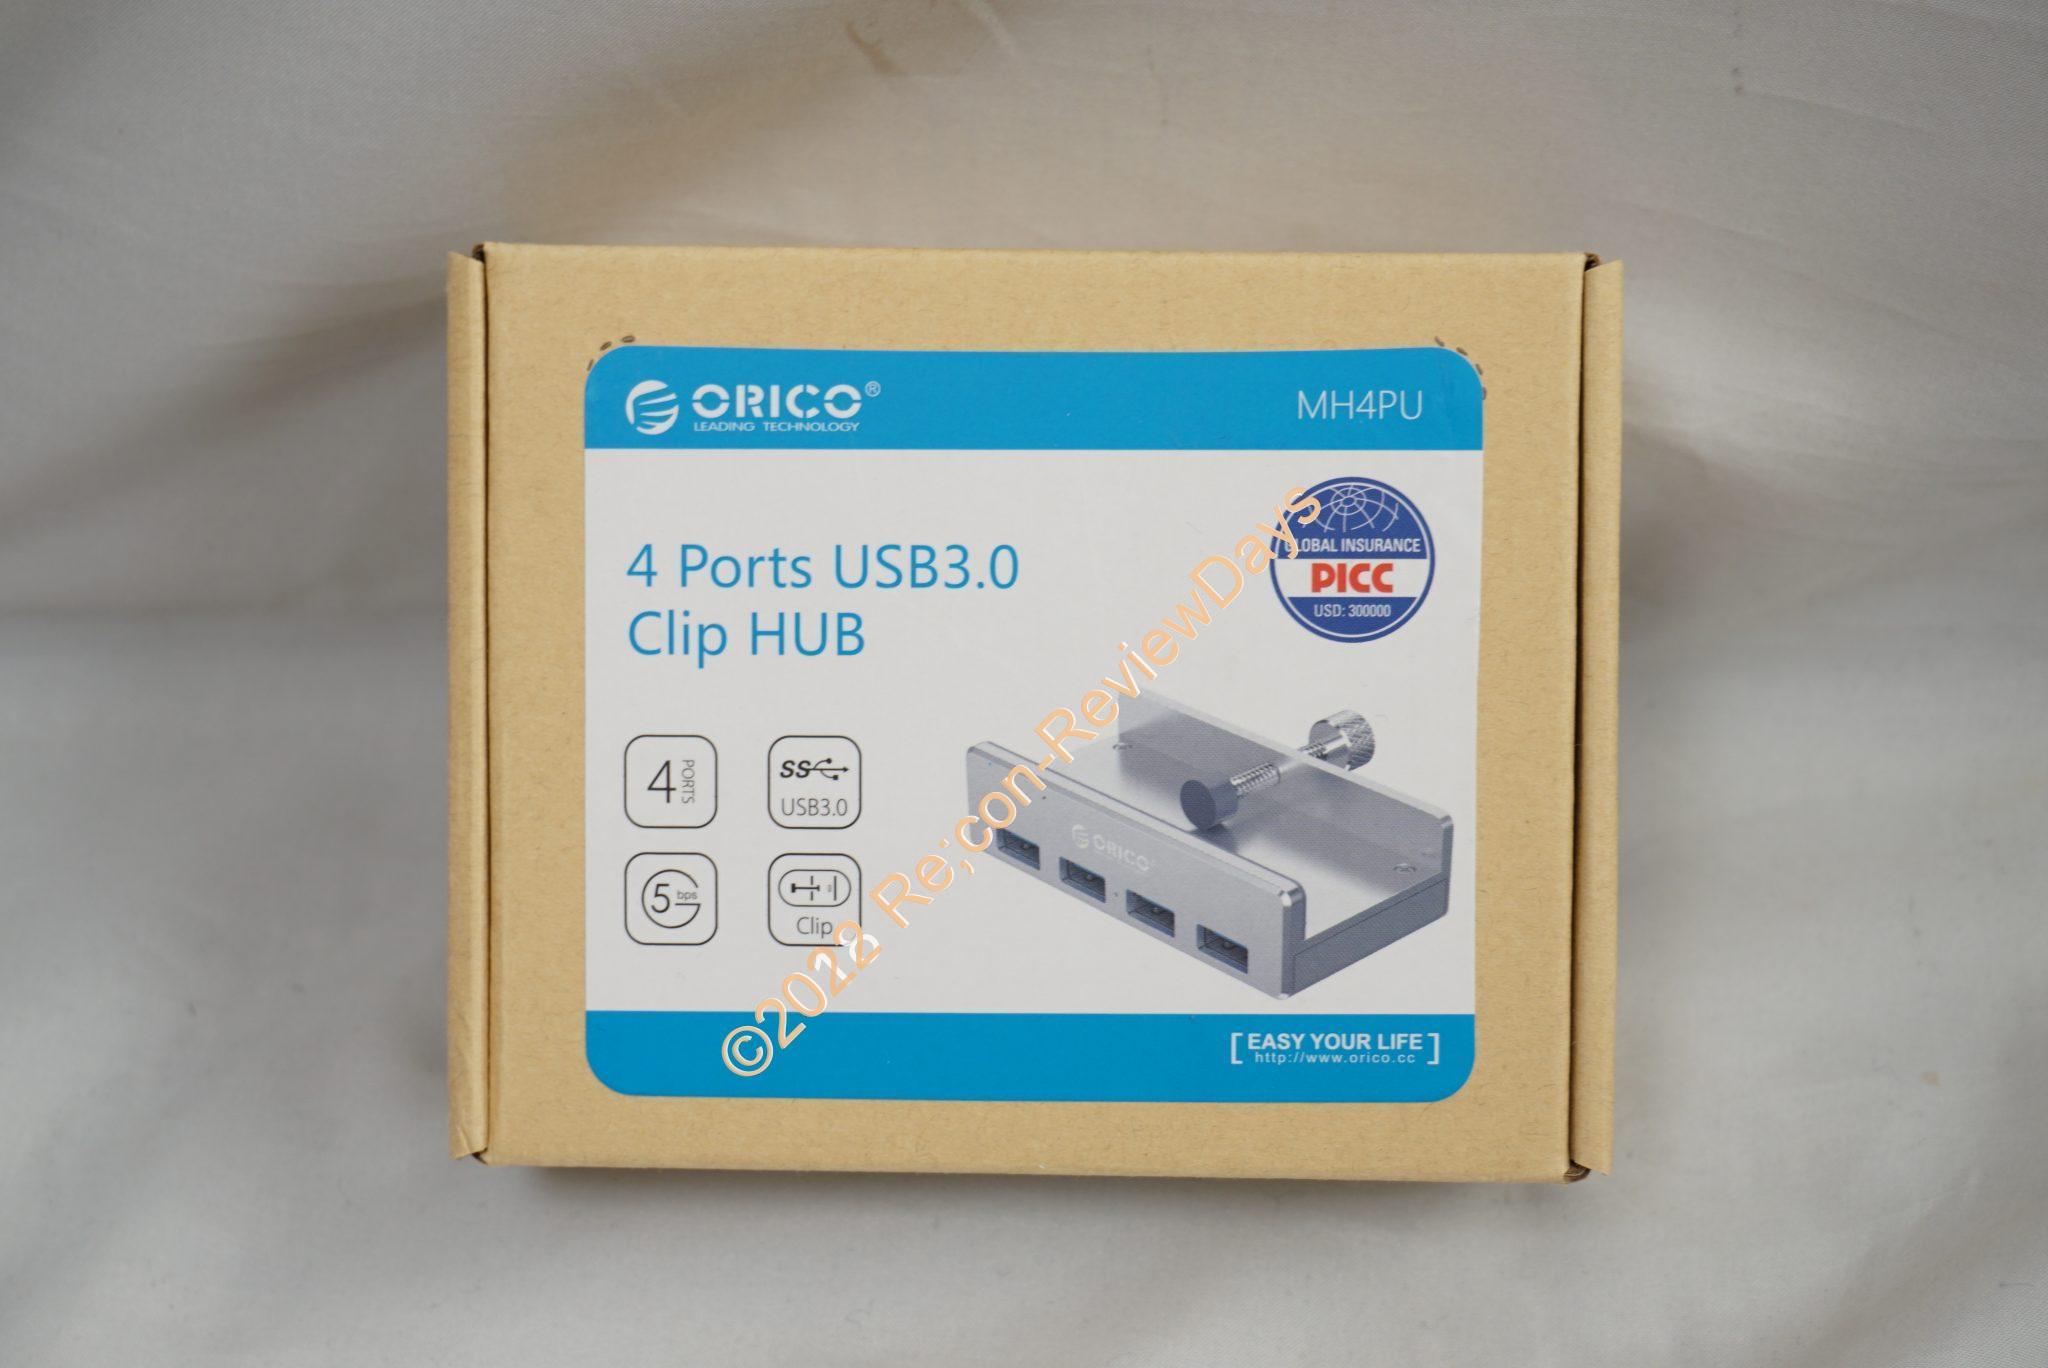 机に固定できるORICO製のUSB 3.0 4ポートハブ「MH4PU-SV」を検証する #USBハブ #USB #ORICO